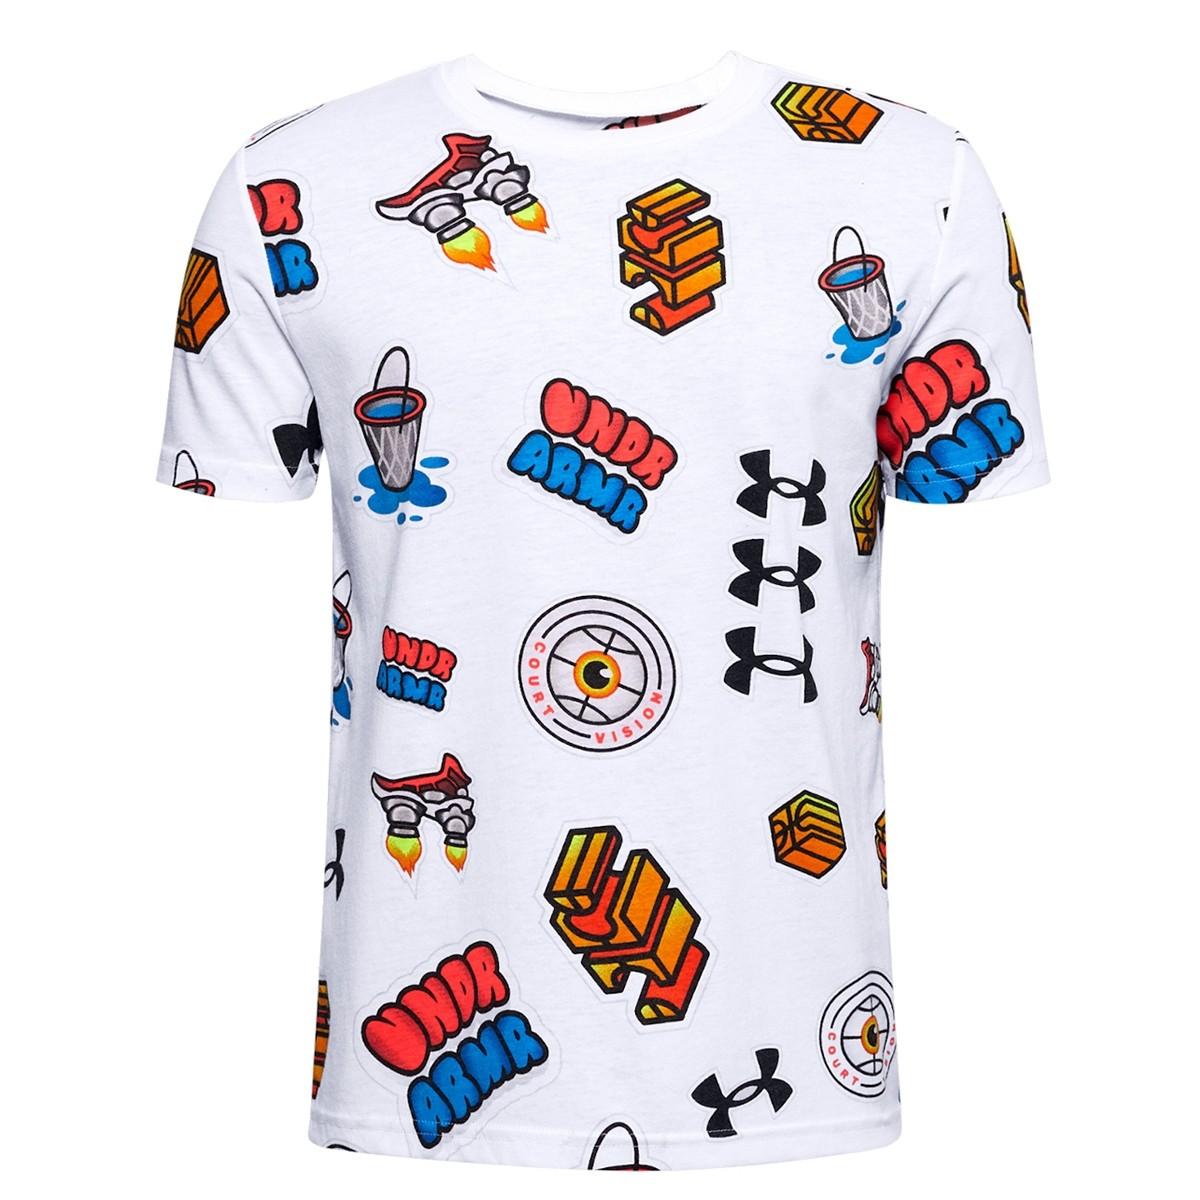 Camiseta UA Hoops Sticker Jr Tee 'White'